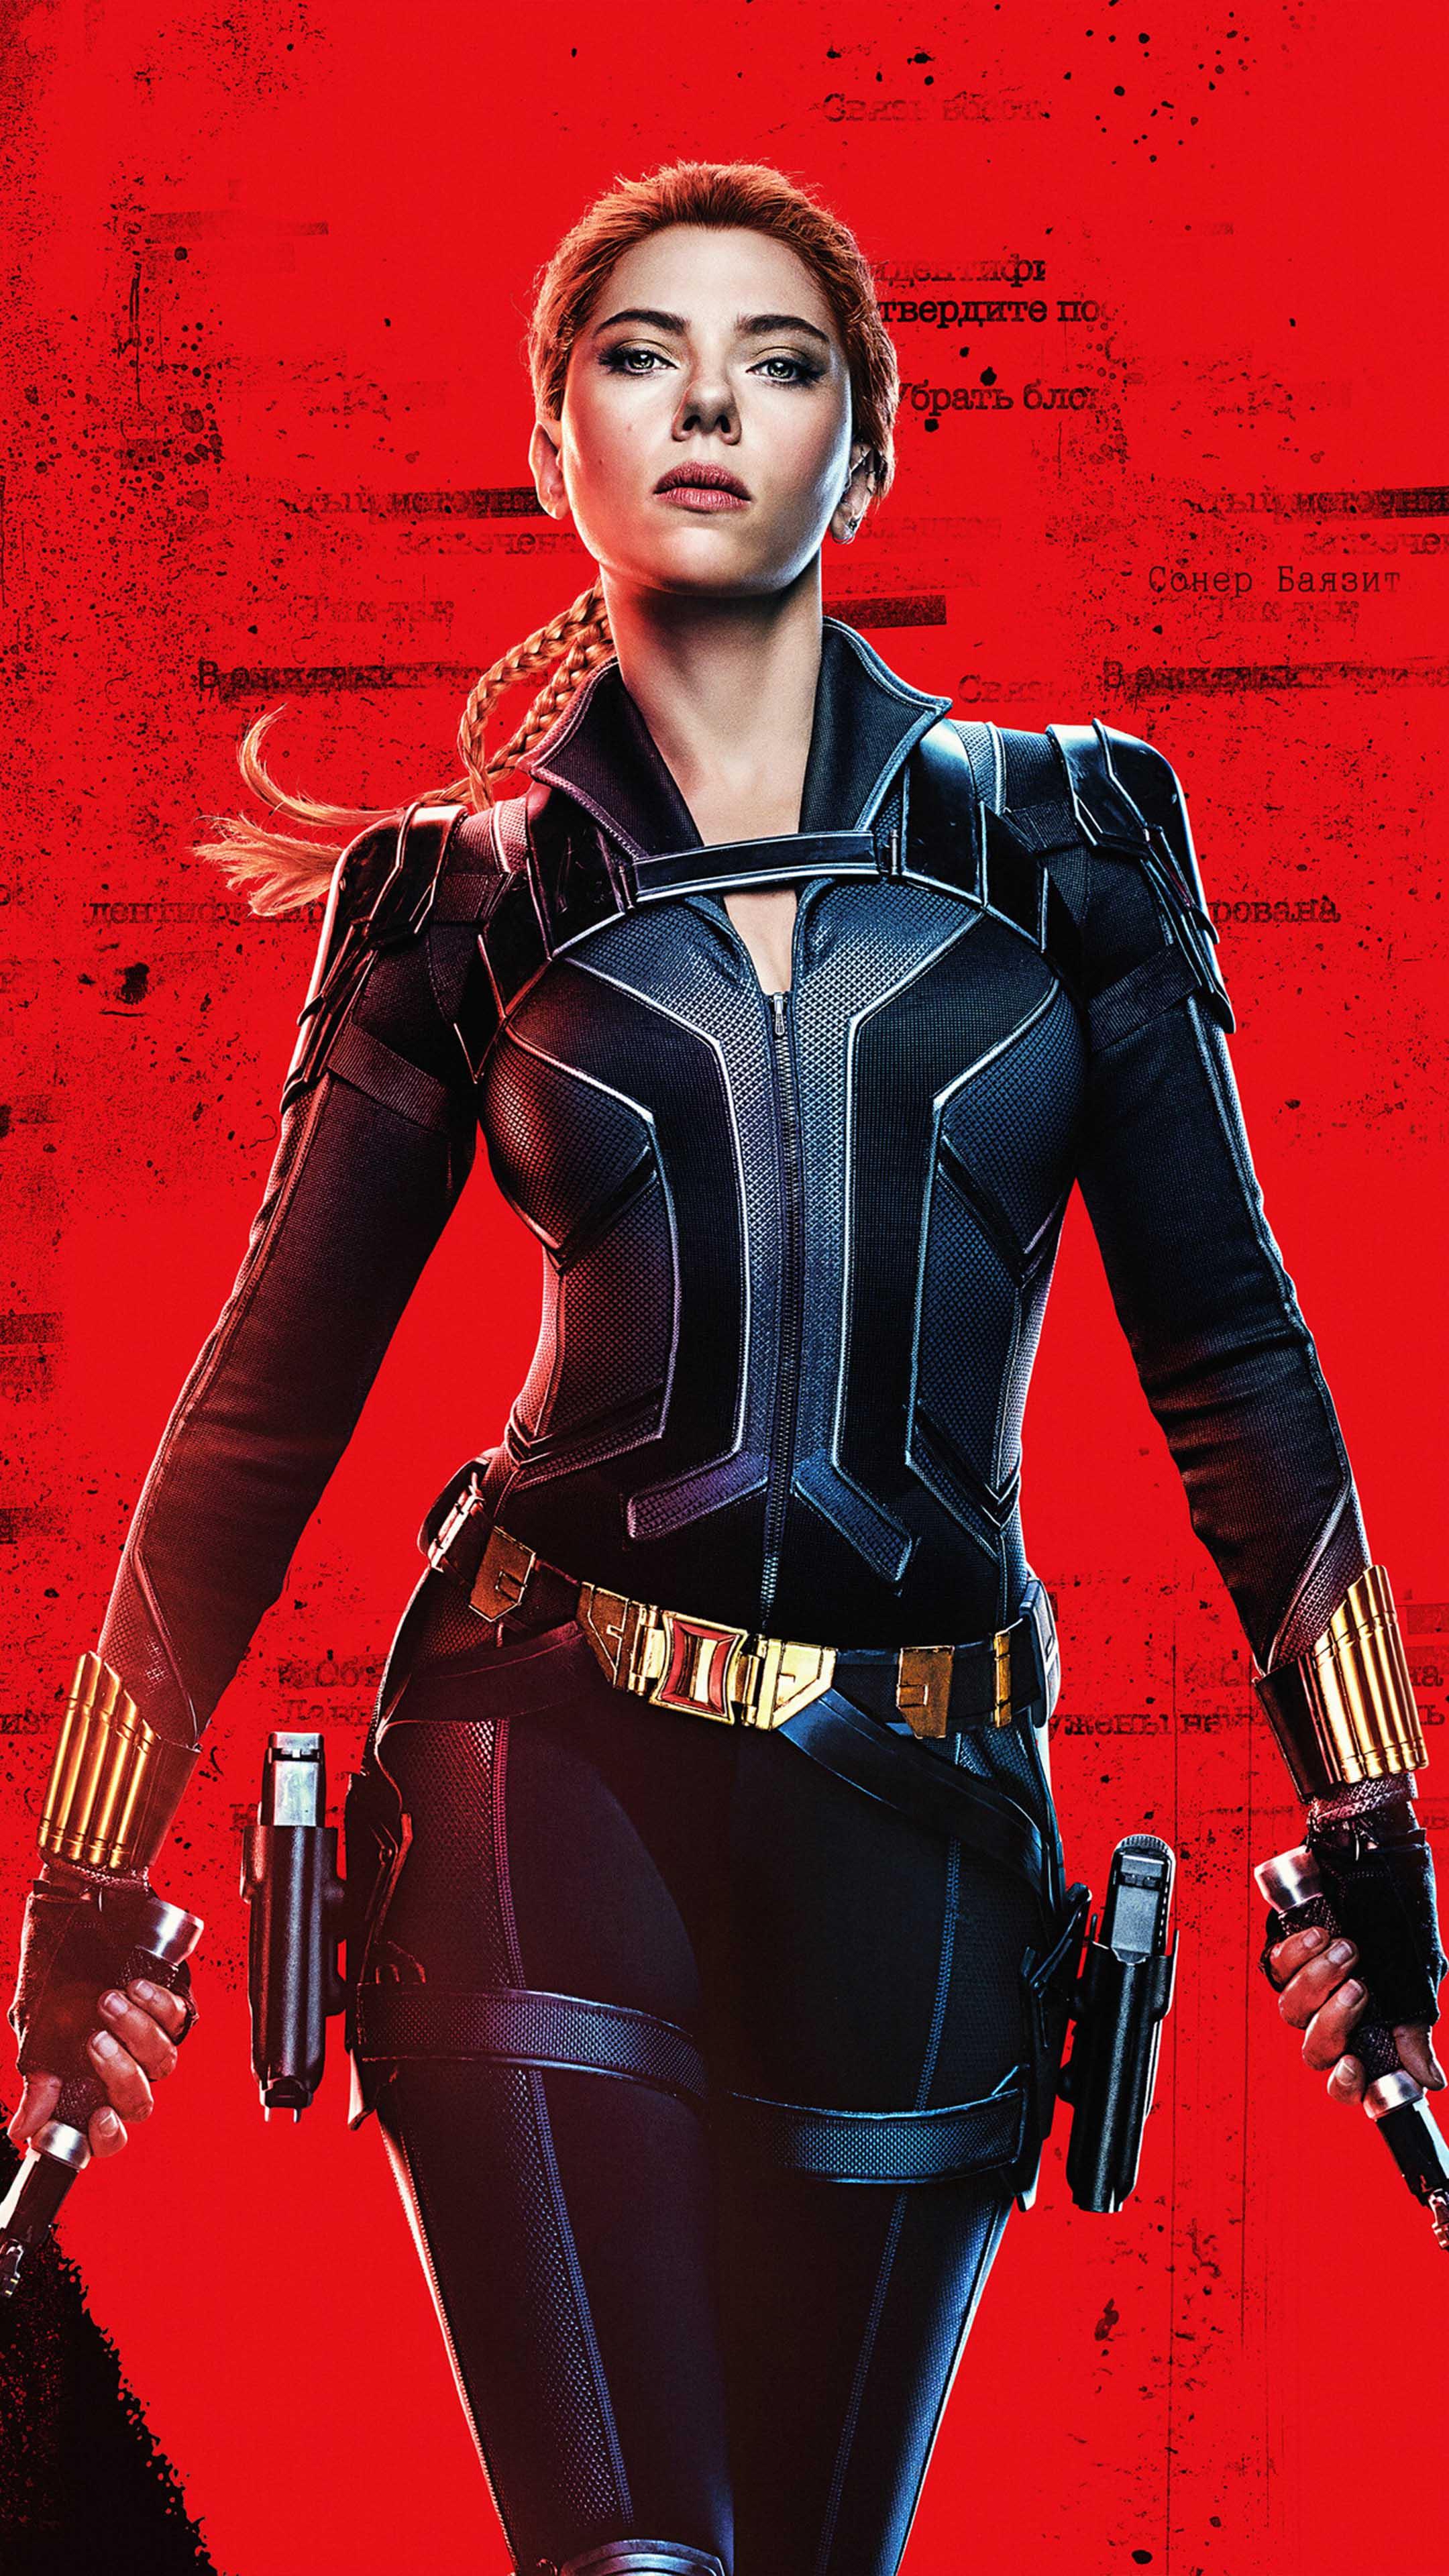 Scarlett Johansson In As Black Widow 4k Ultra Hd Mobile Wallpaper